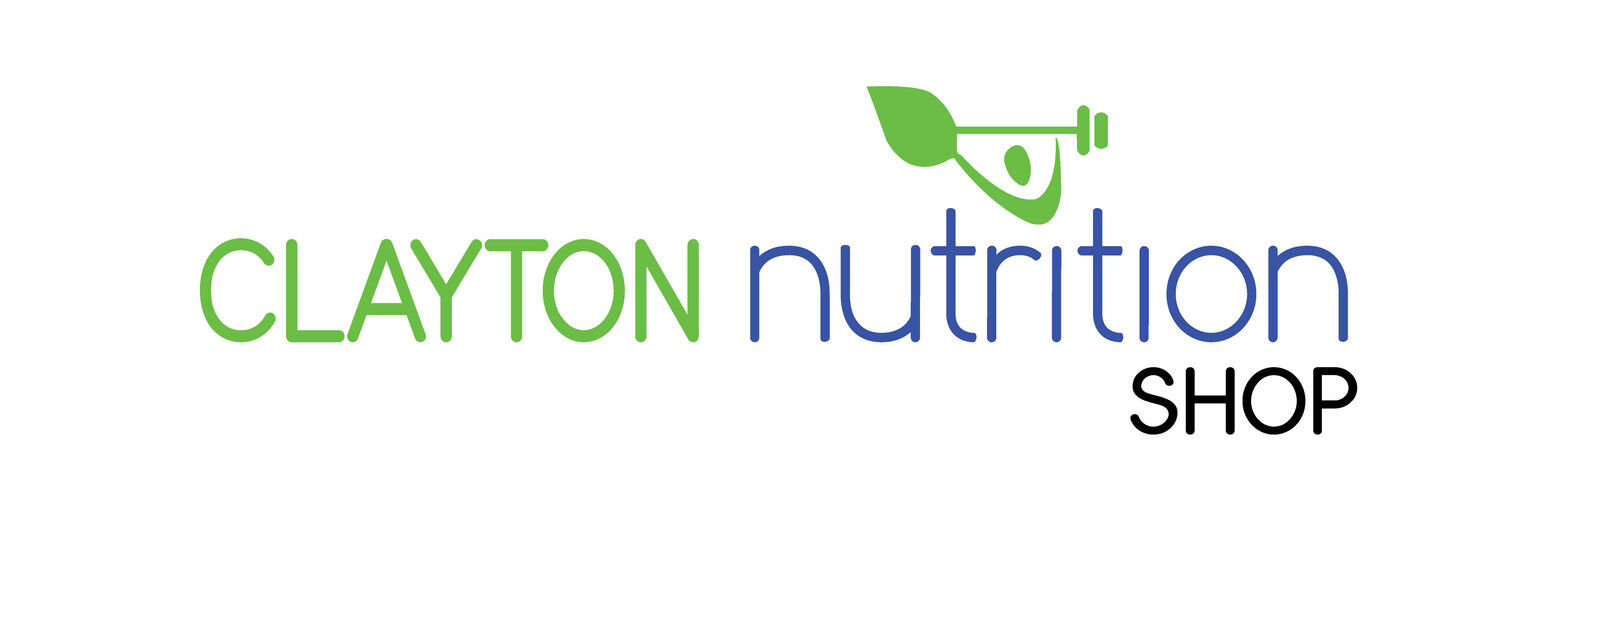 Clayton Nutrition Shop